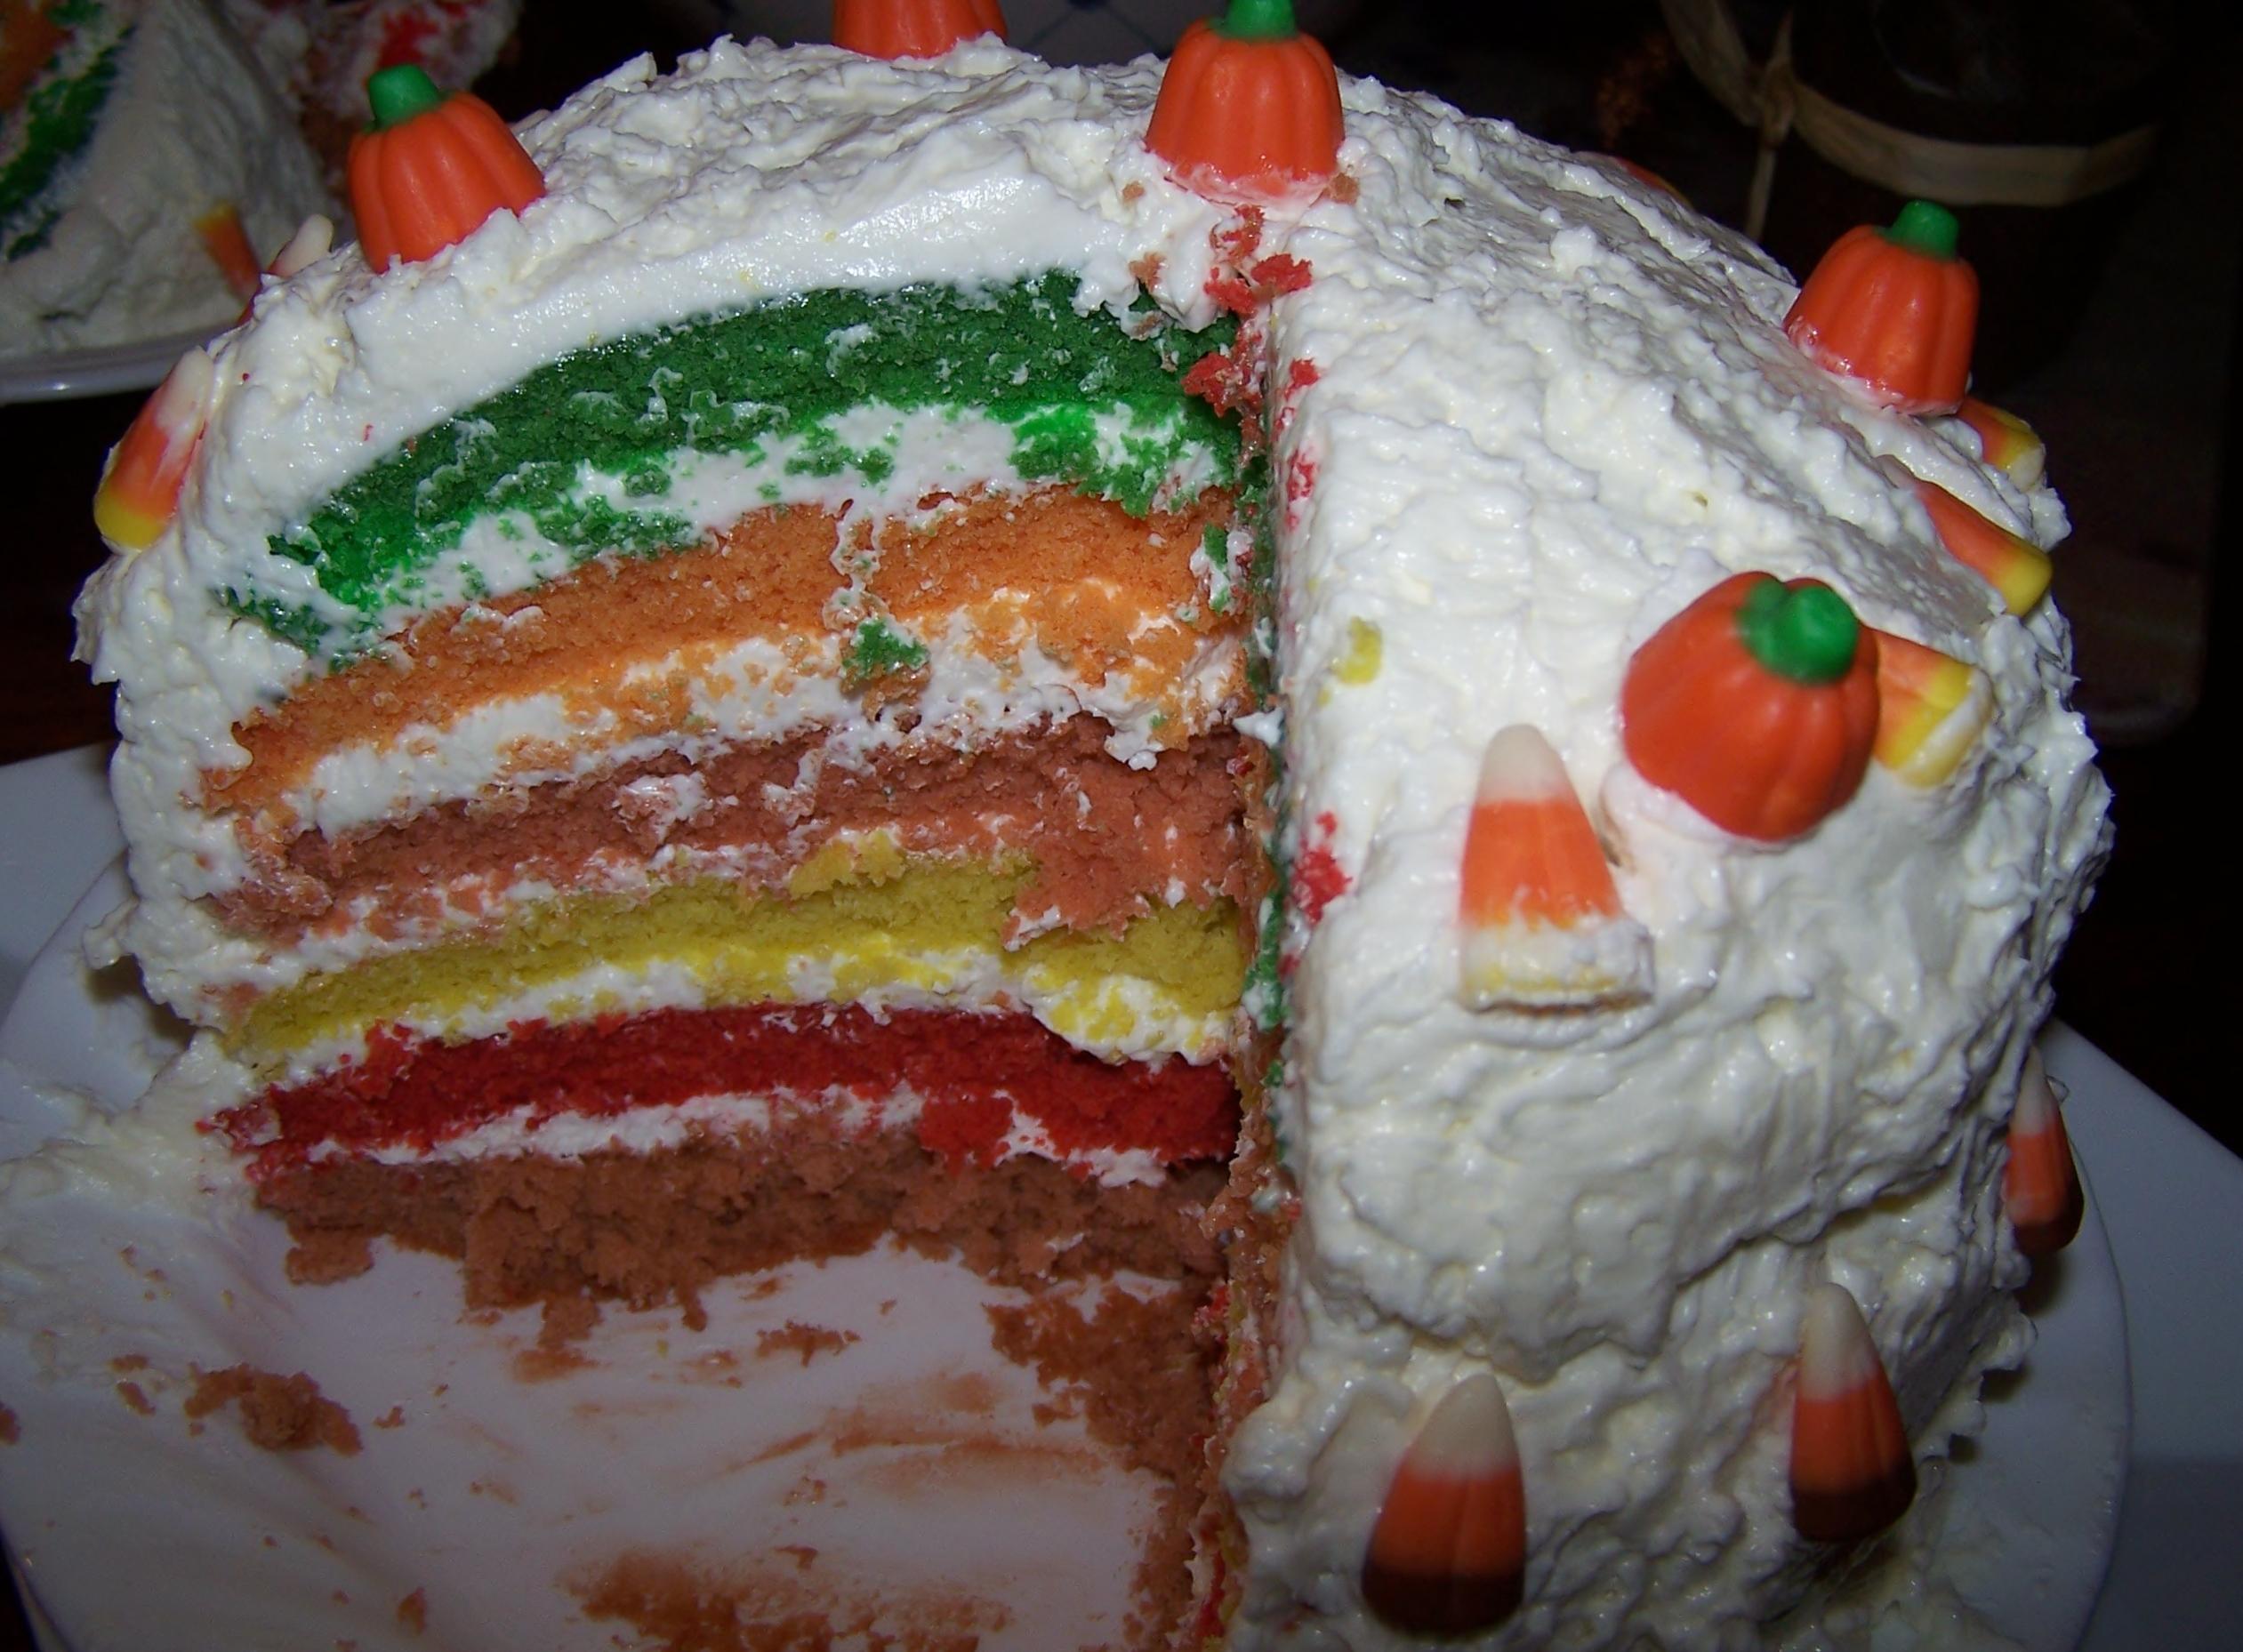 How Do You Make Tater Cakes